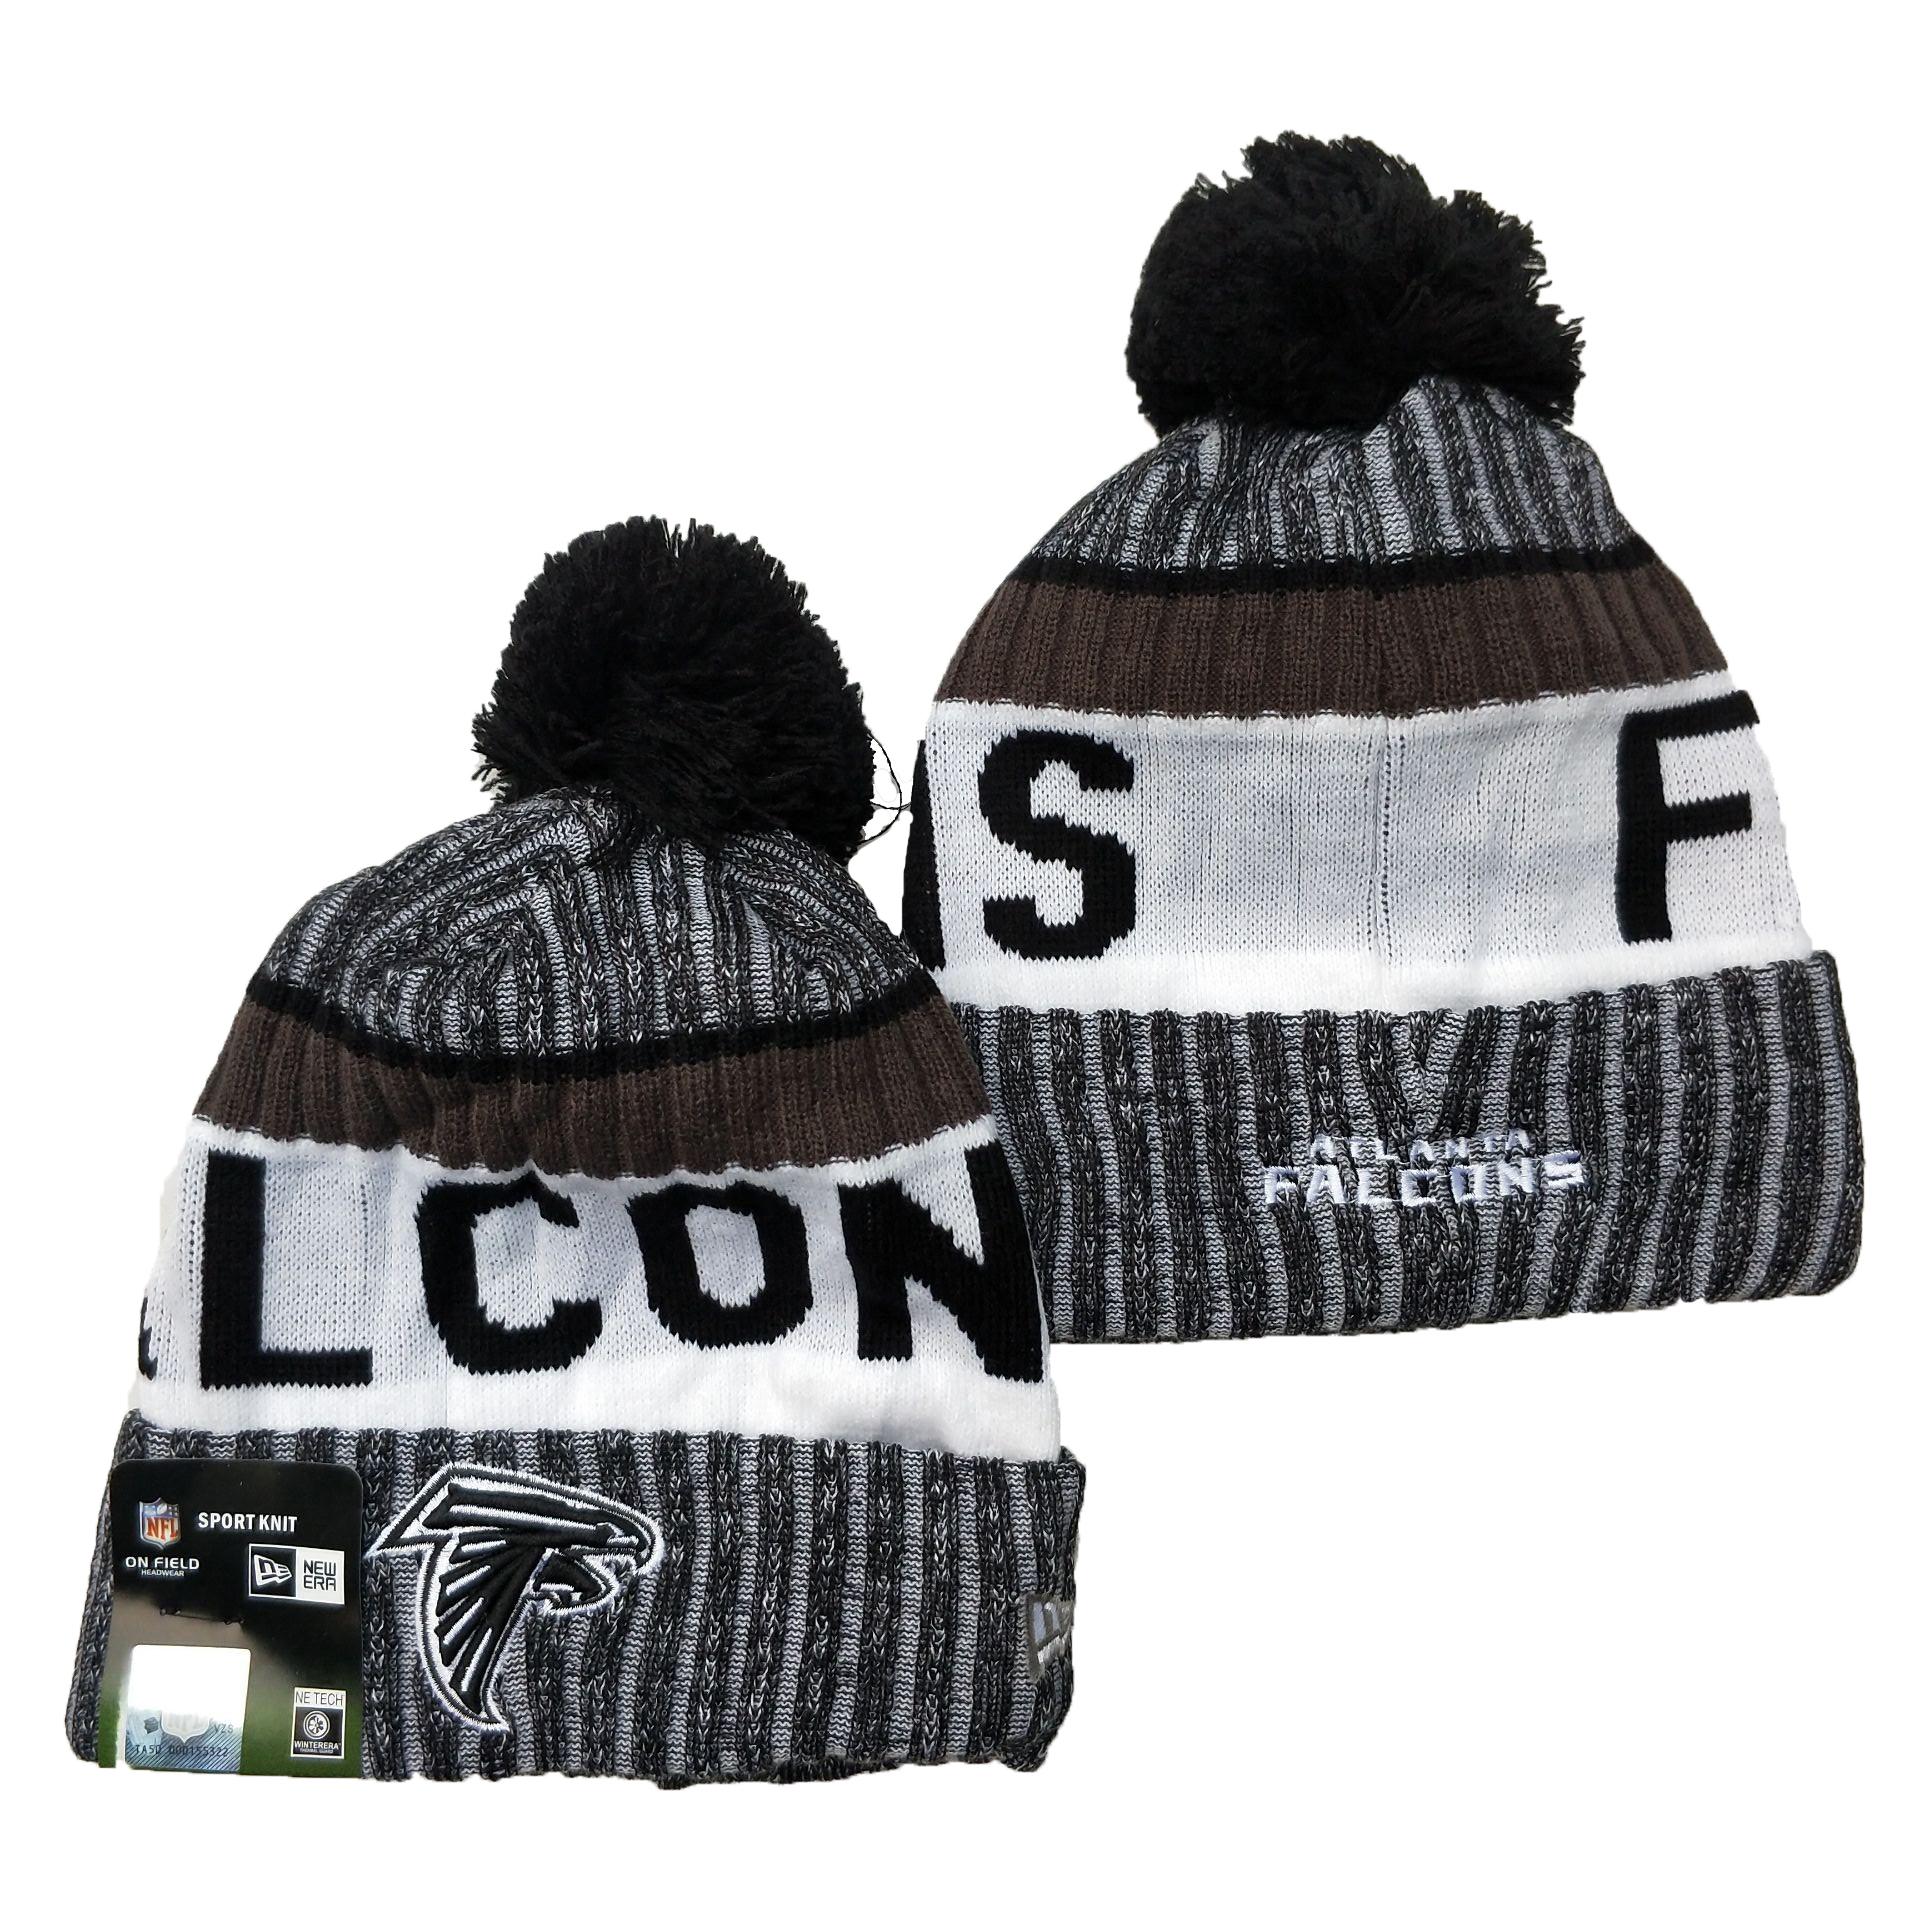 Falcons Team Logo Gray Black White Pom Cuffed Knit Hat YD